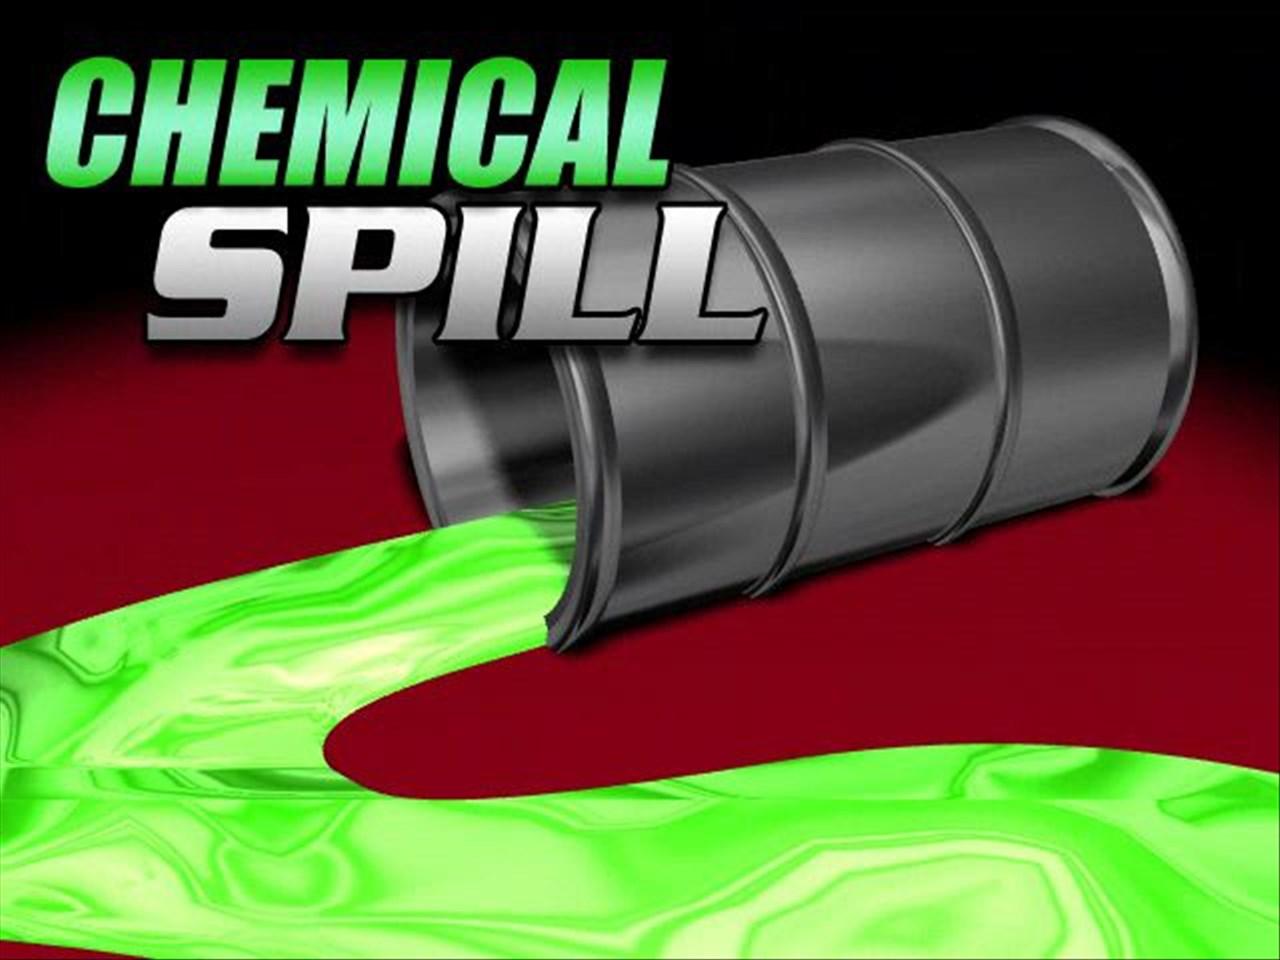 chemicalspill_1546451564022.jpg